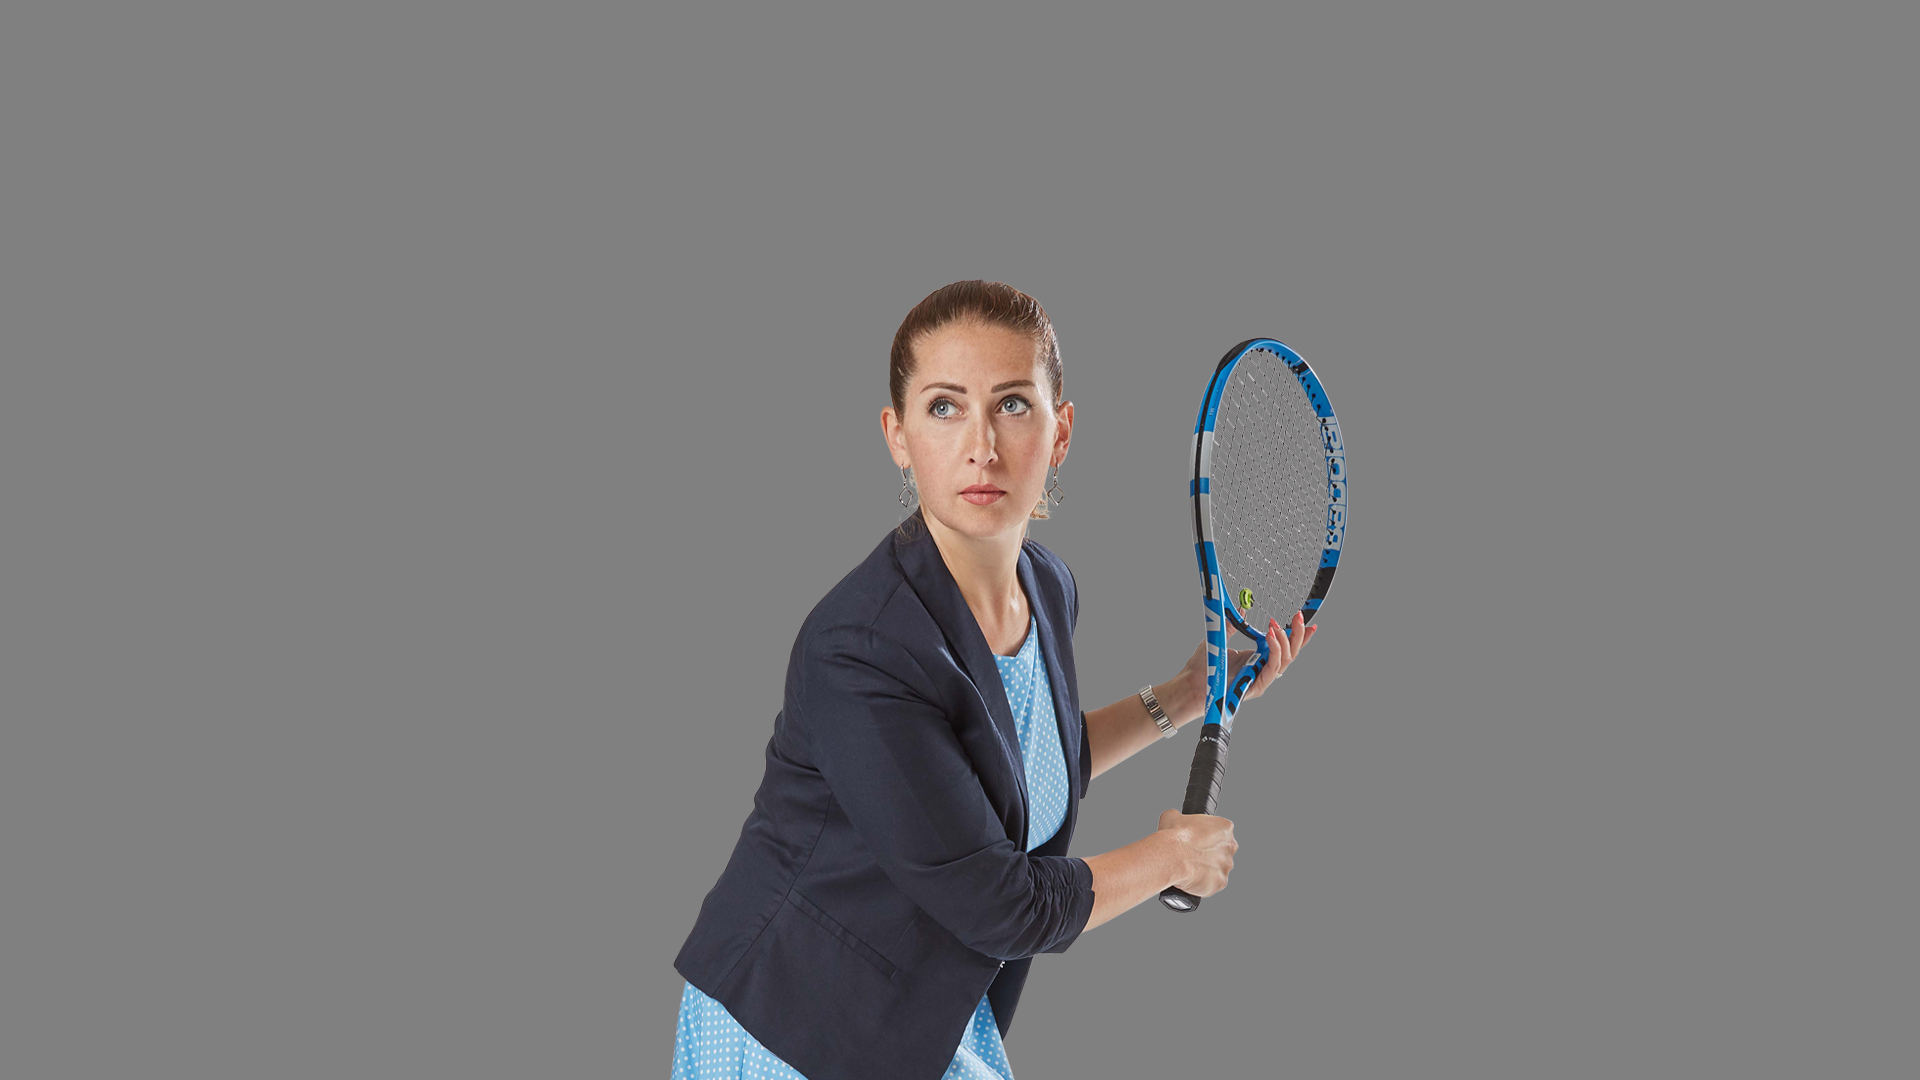 Mitarbeiterin Maria spielt Tennis